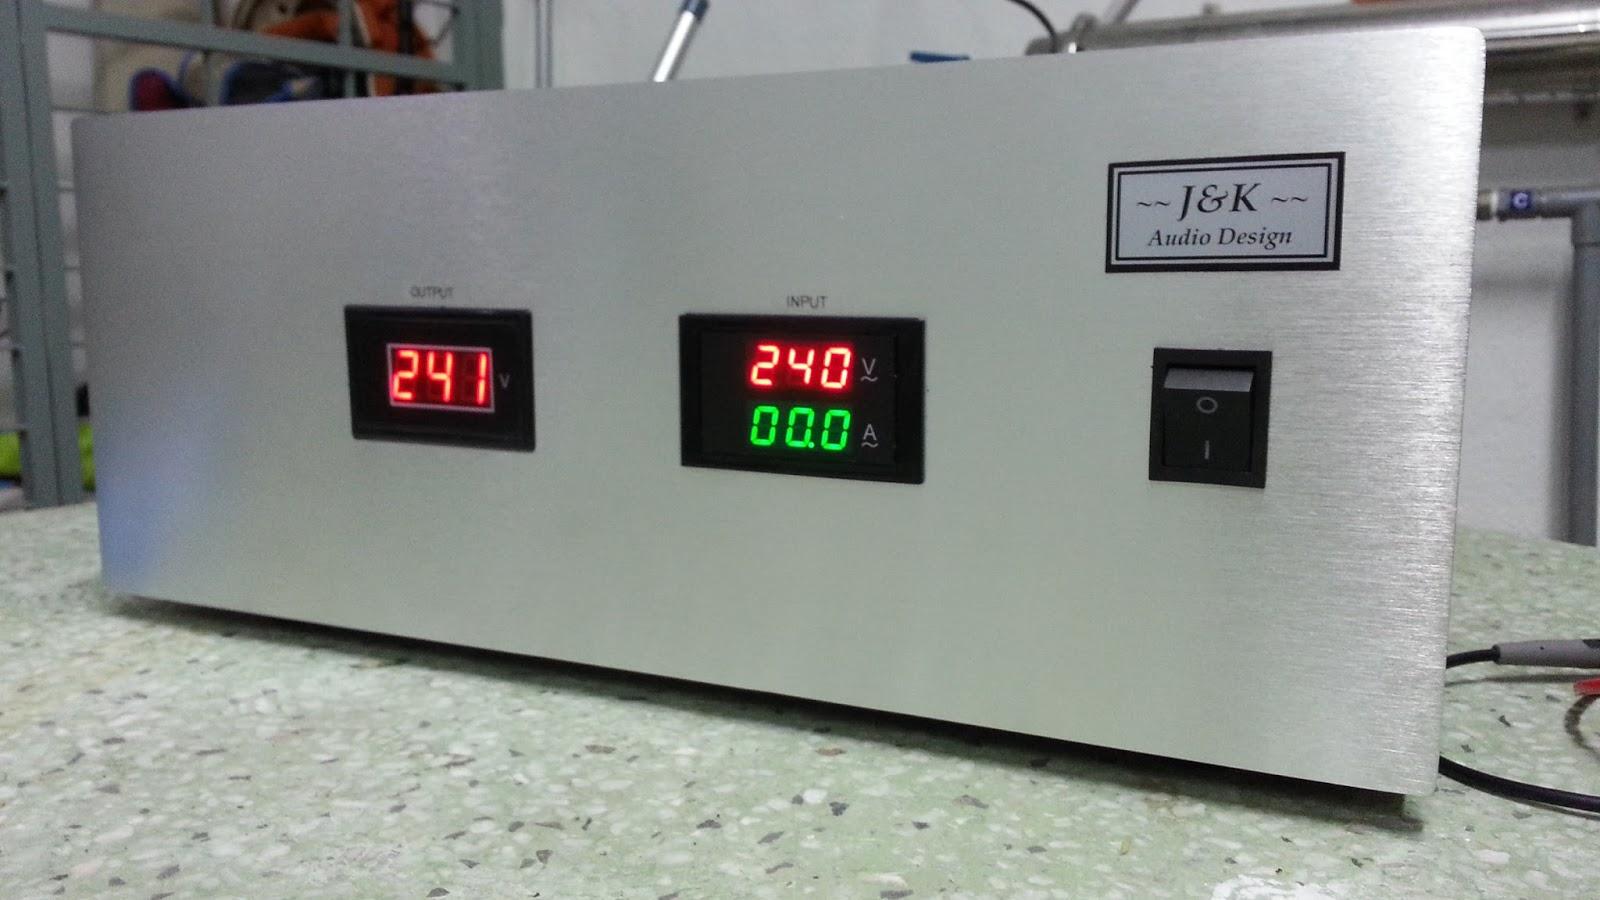 JK Audio Design Balanced Isotrans